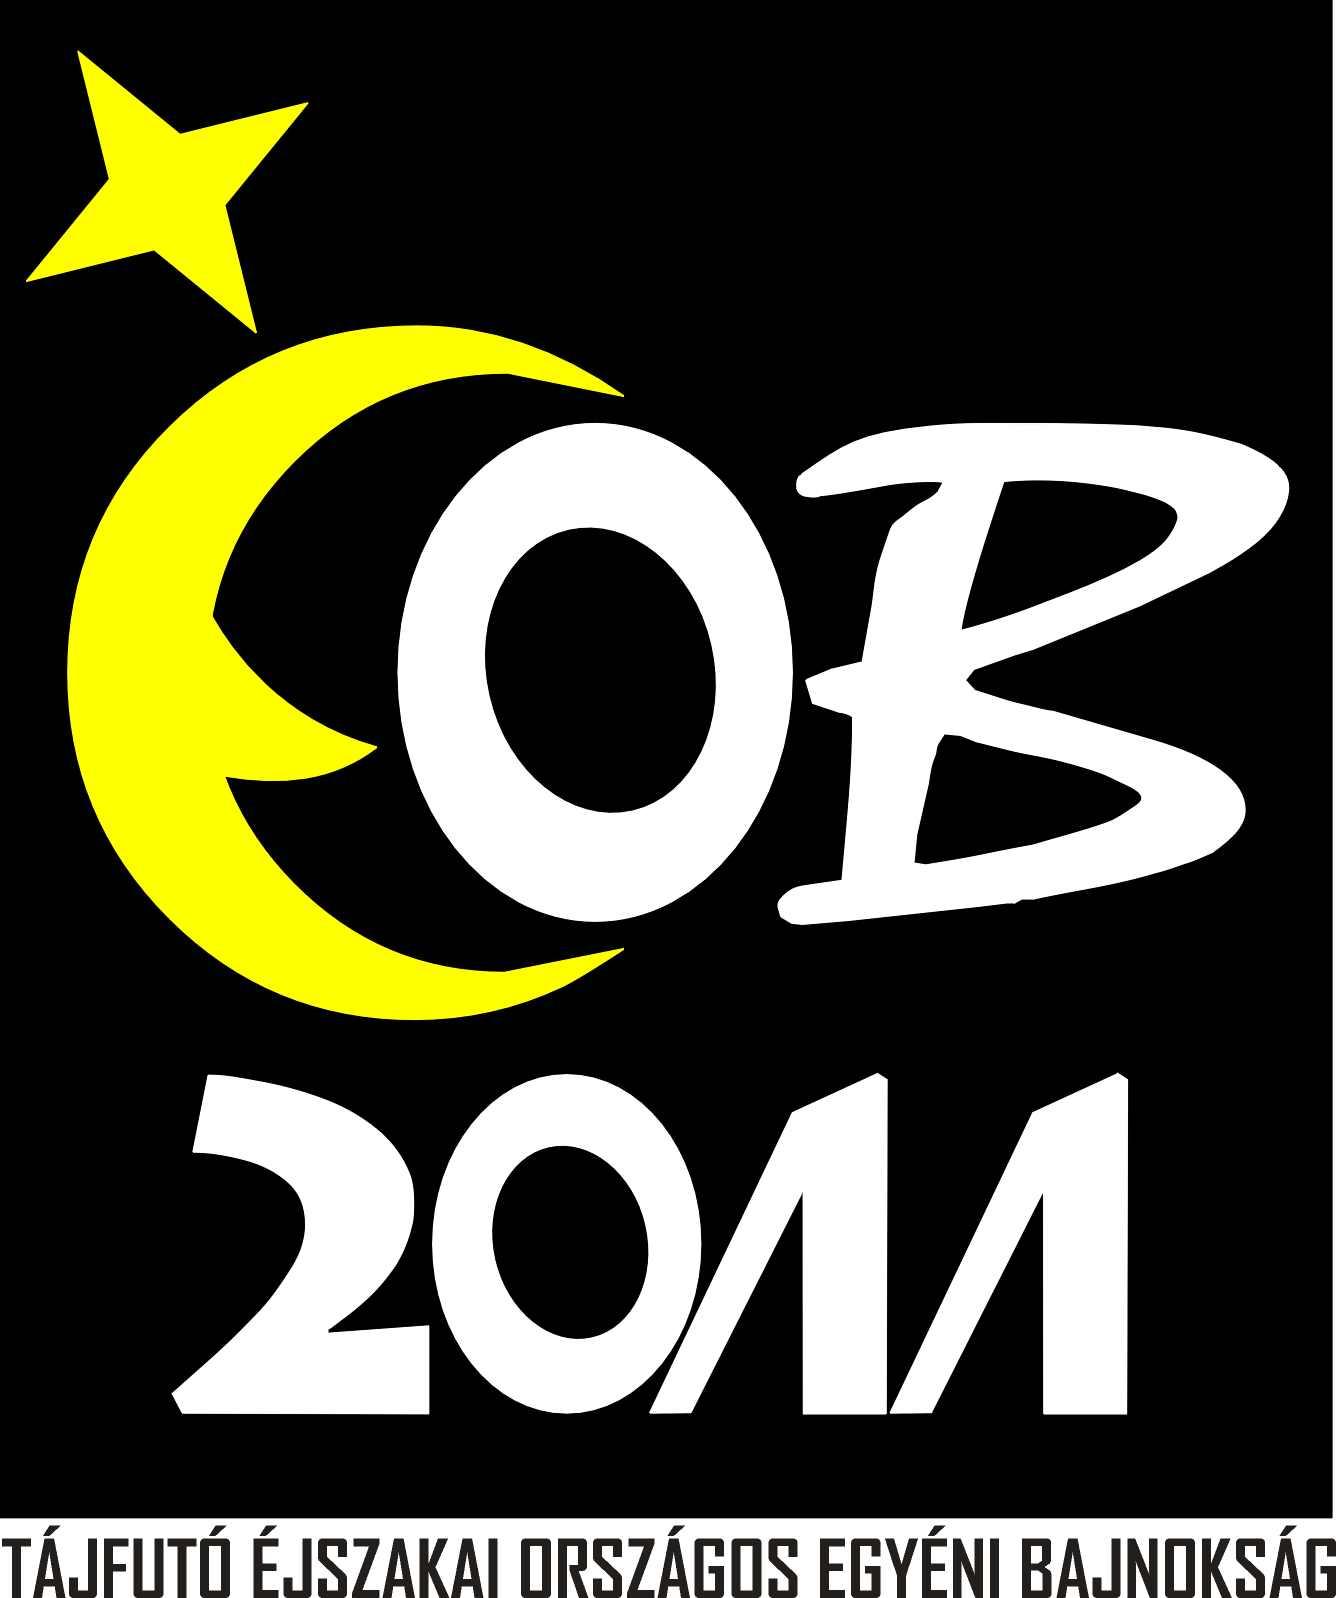 eob_emblema.jpg